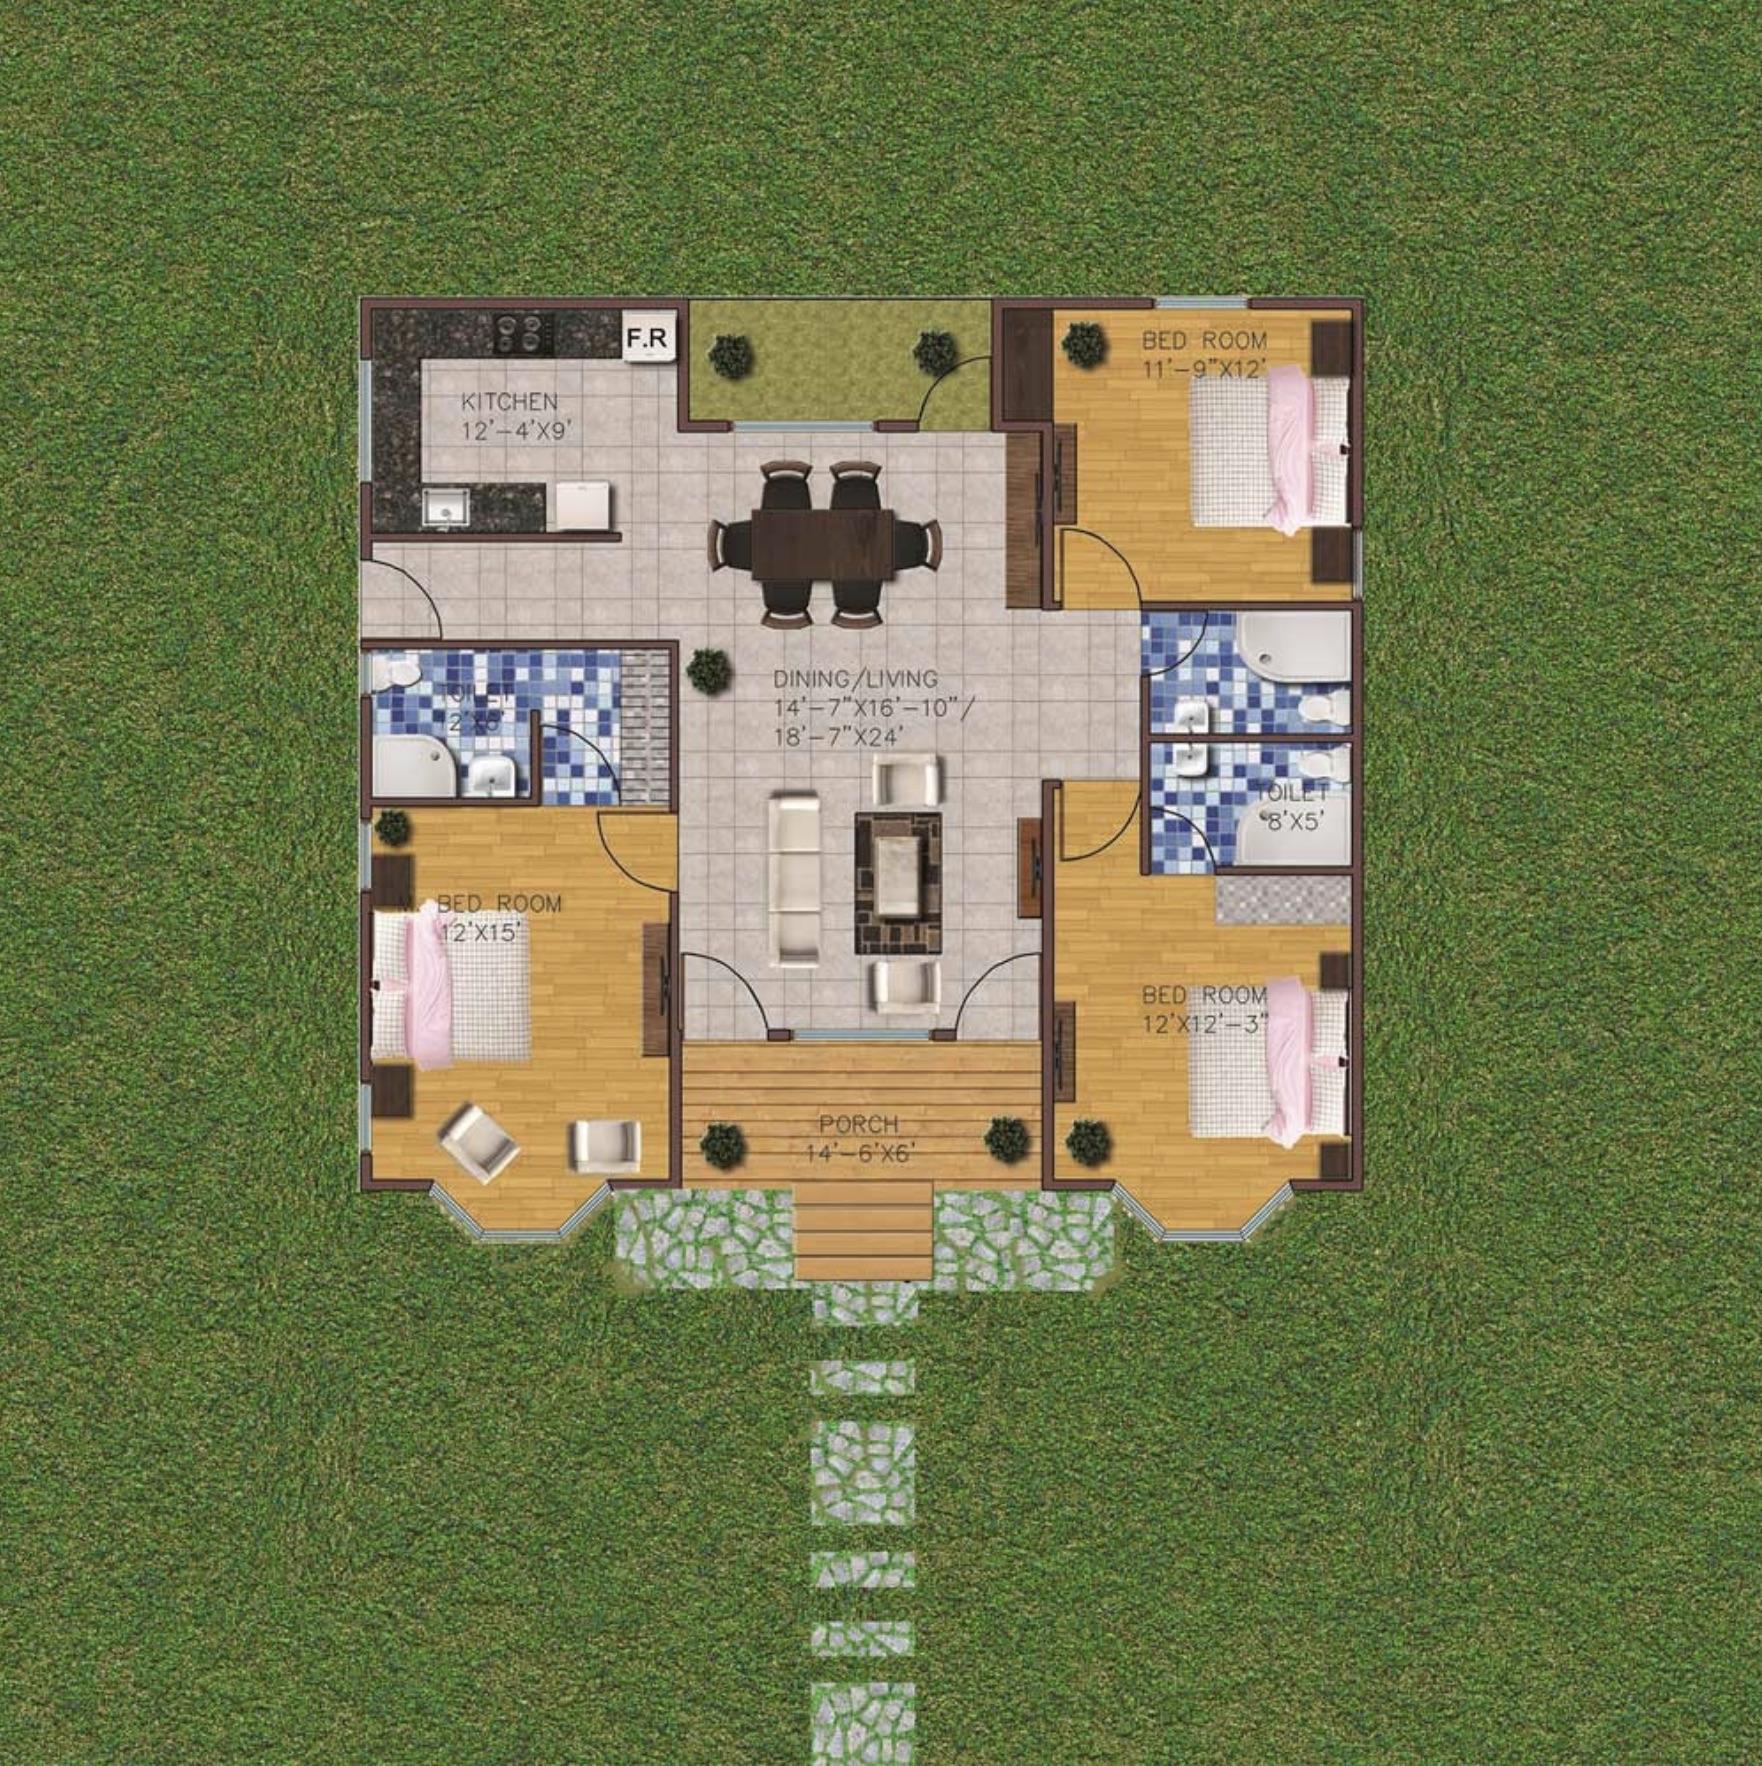 3 Bedroom 1430 sq ft